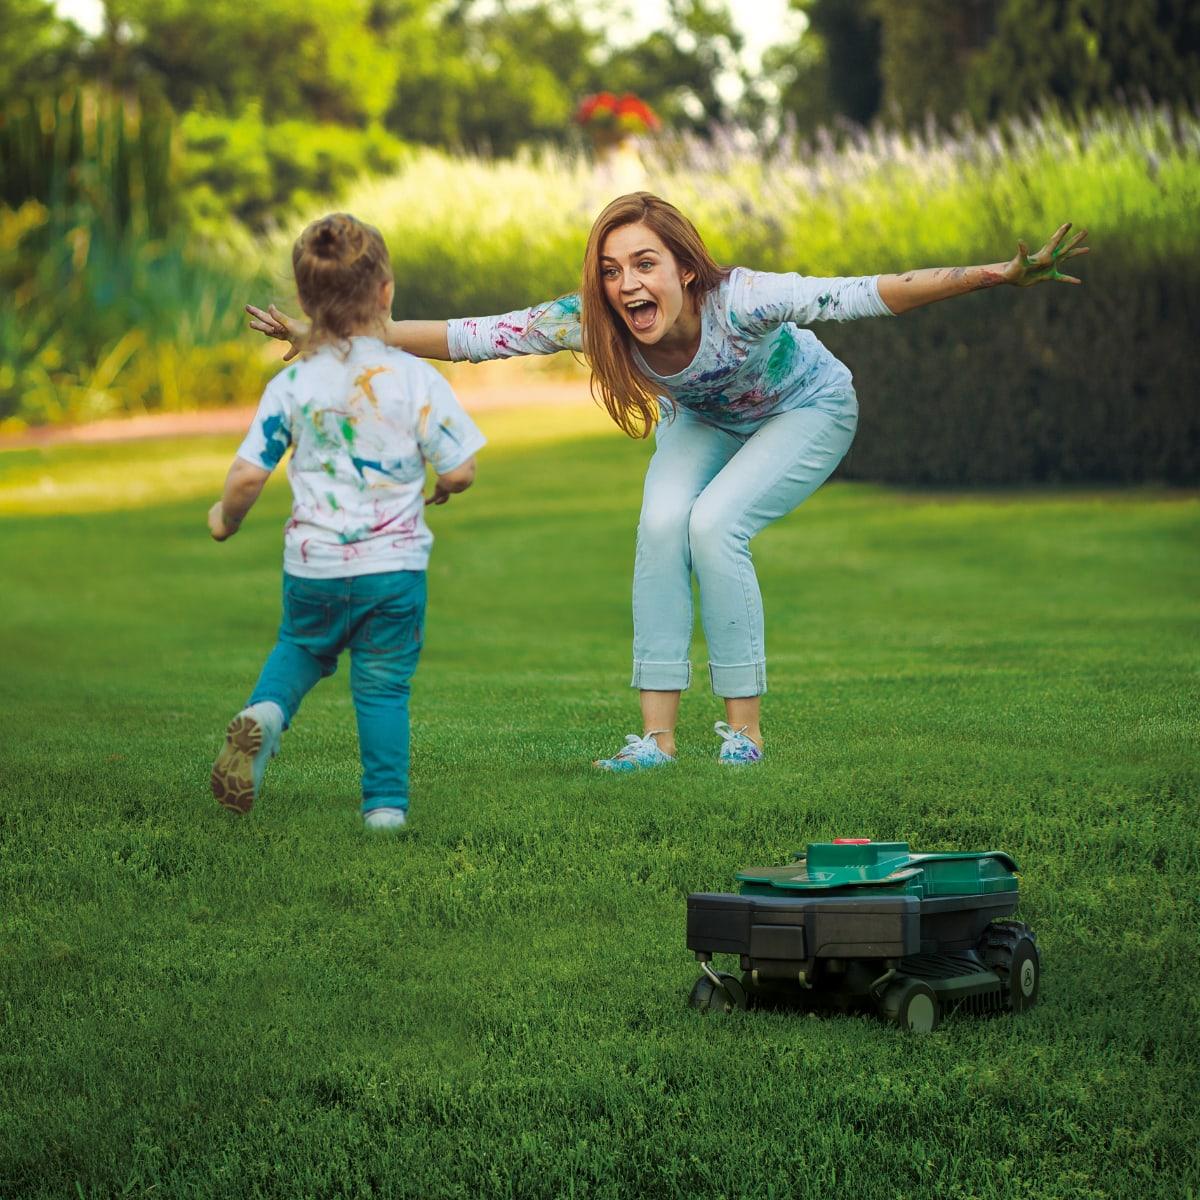 Kosiarki automatyczne - Roboty Ambrogio - Domo - Roboty koszące - Kosiarki Ambrogio